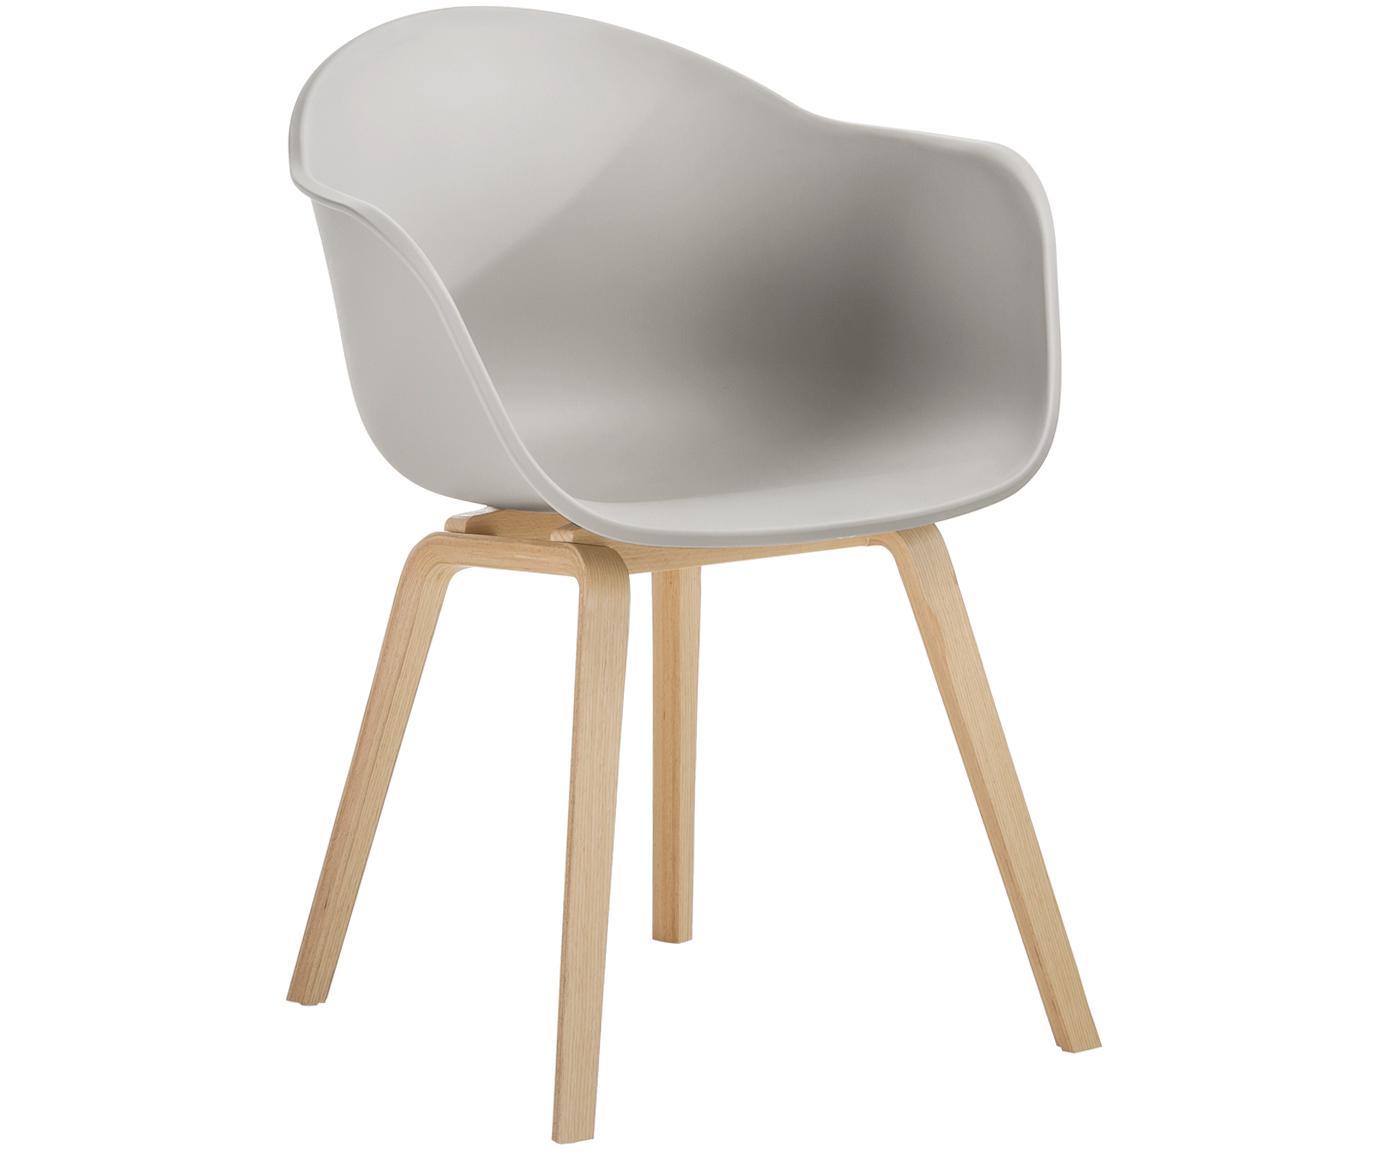 Kunststoff-Armlehnstuhl Claire mit Holzbeinen, Sitzschale: Kunststoff, Beine: Buchenholz, Kunststoff Beigegrau, B 54 x T 60 cm